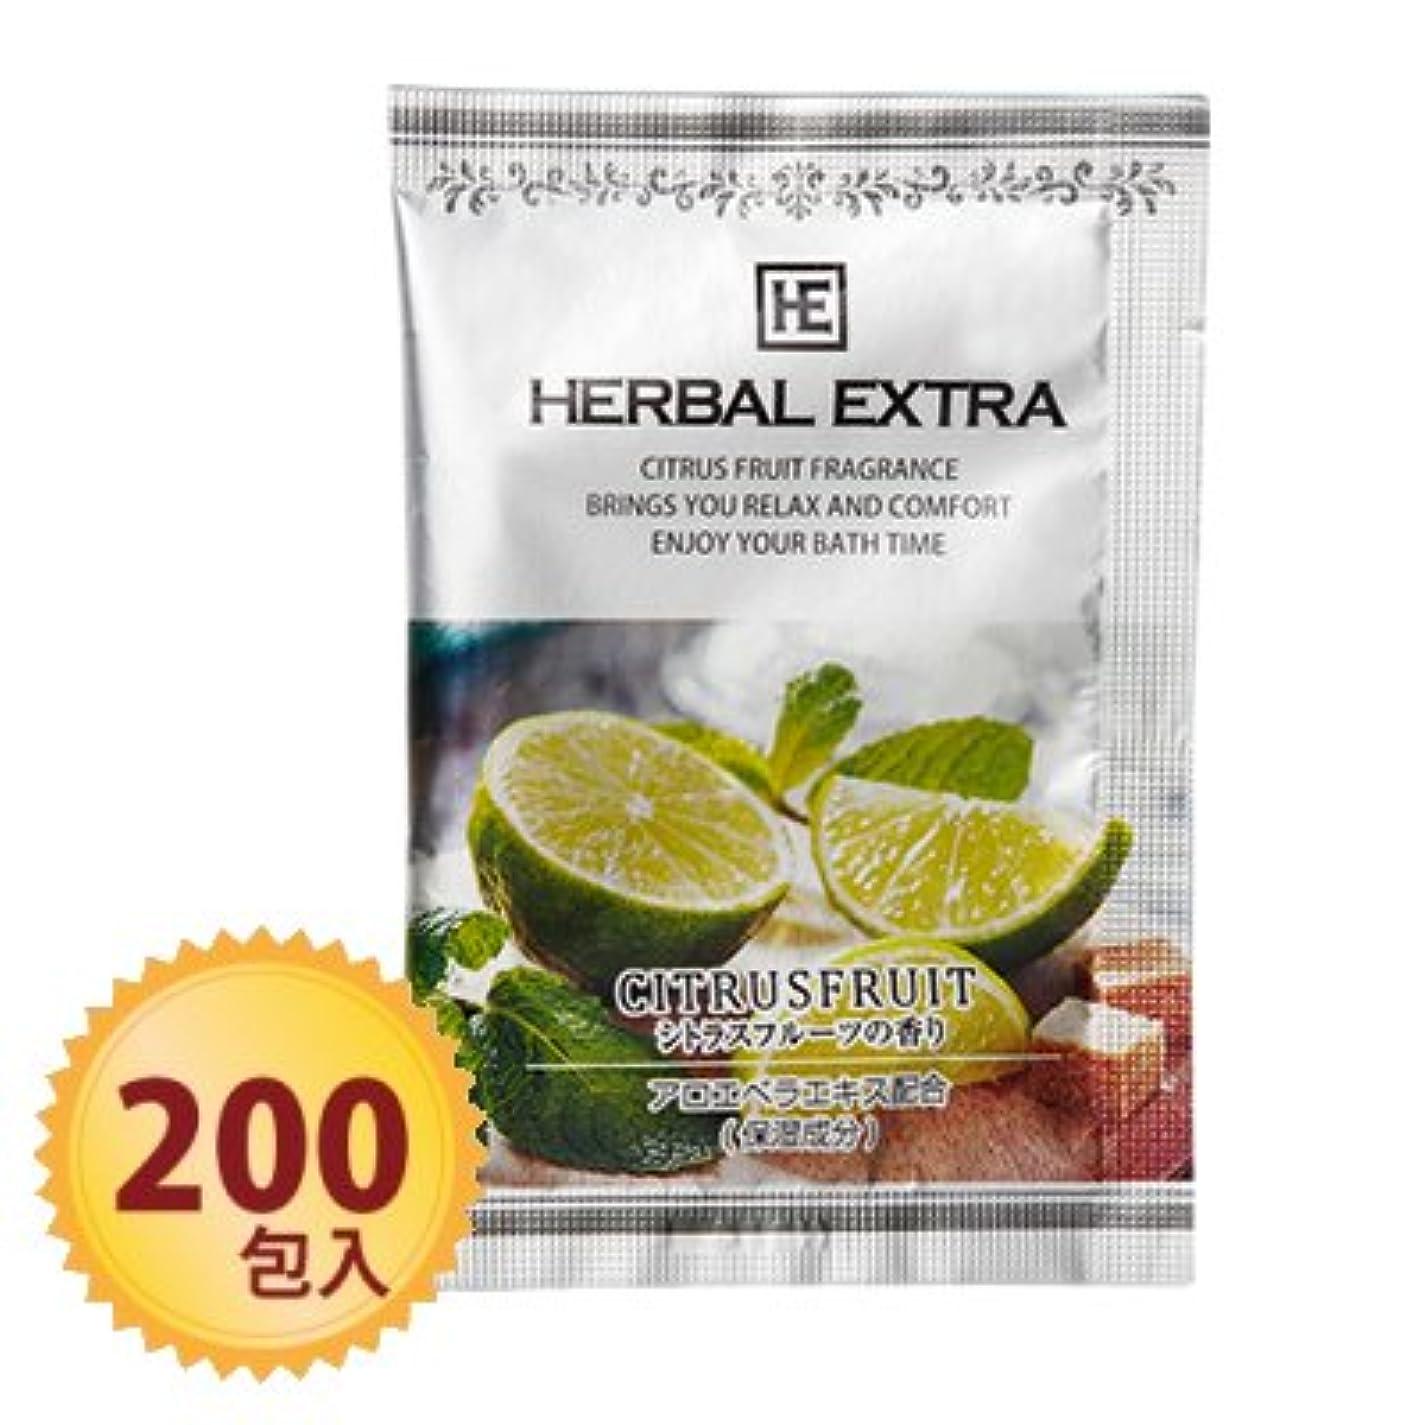 性能シンプトン攻撃ハーバルエクストラBS シトラスフルーツの香り 20g×200個